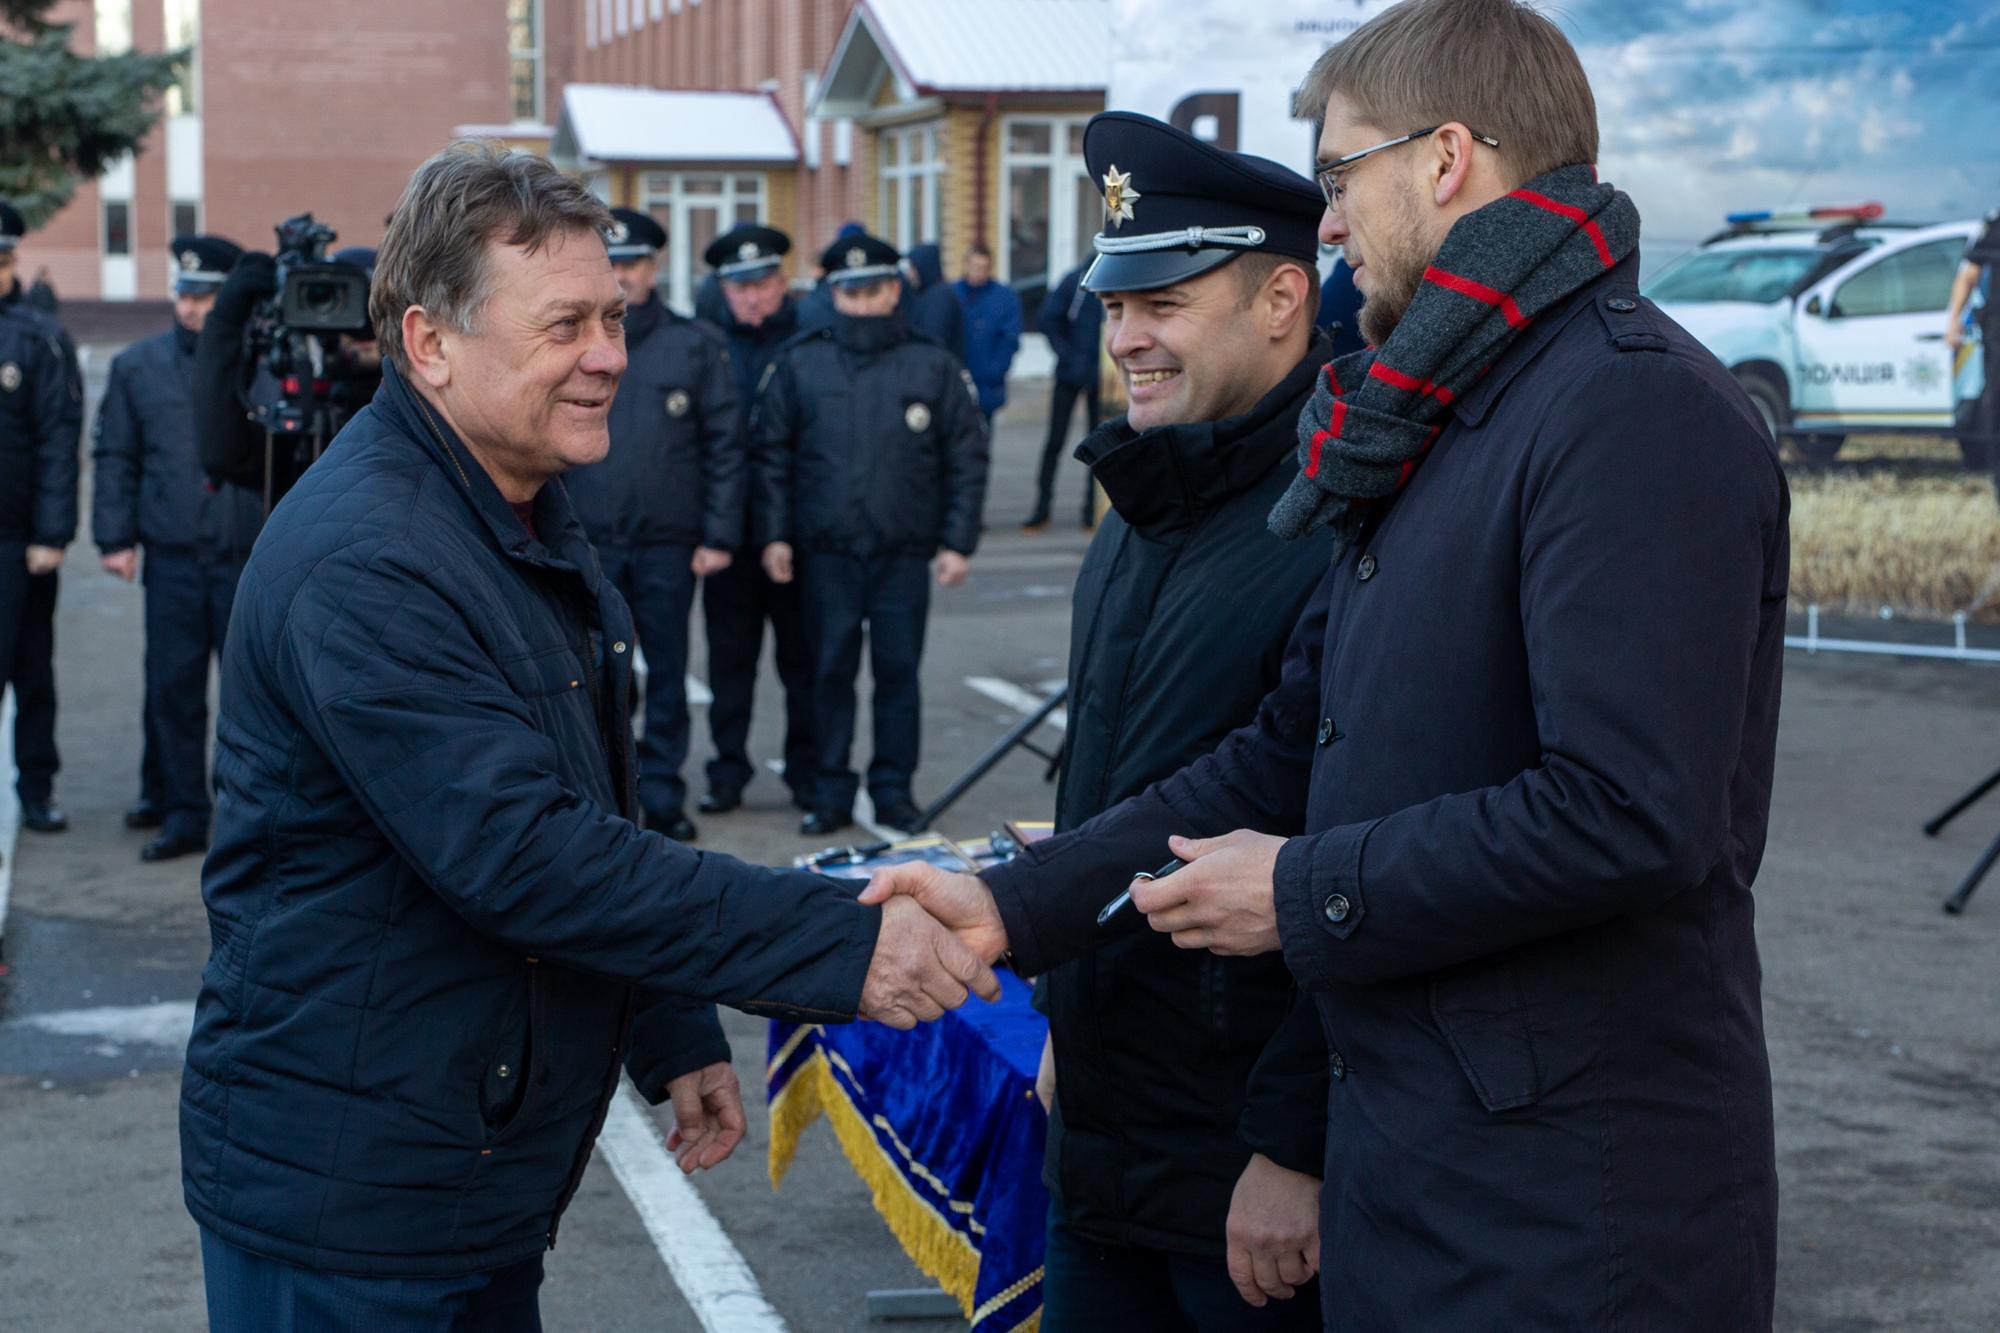 та заступник голови Національної поліції України Олександр Фацевич